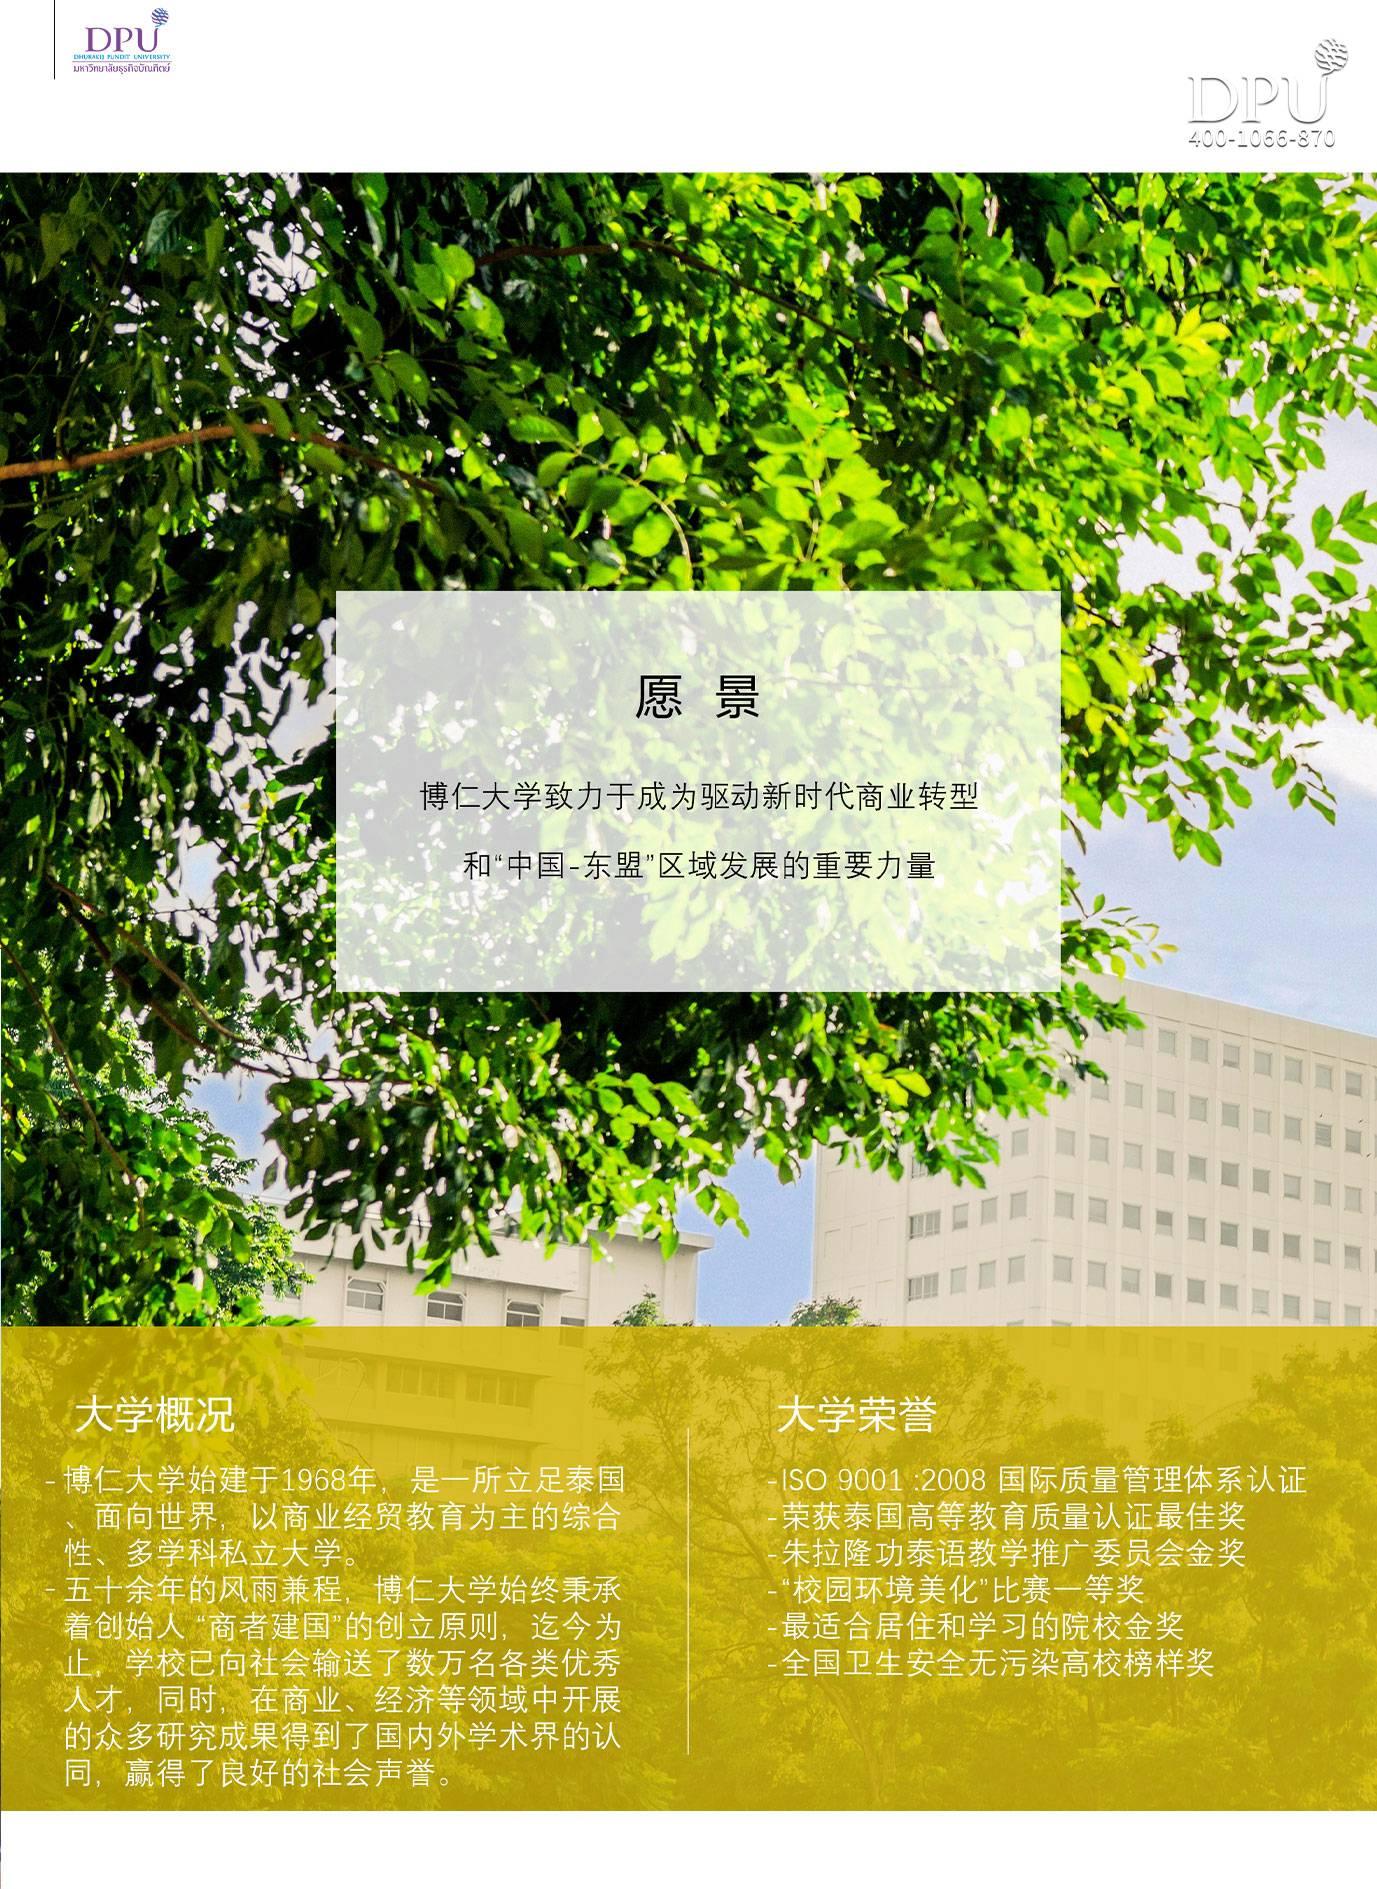 泰国博仁大学2022年招生简章8-2